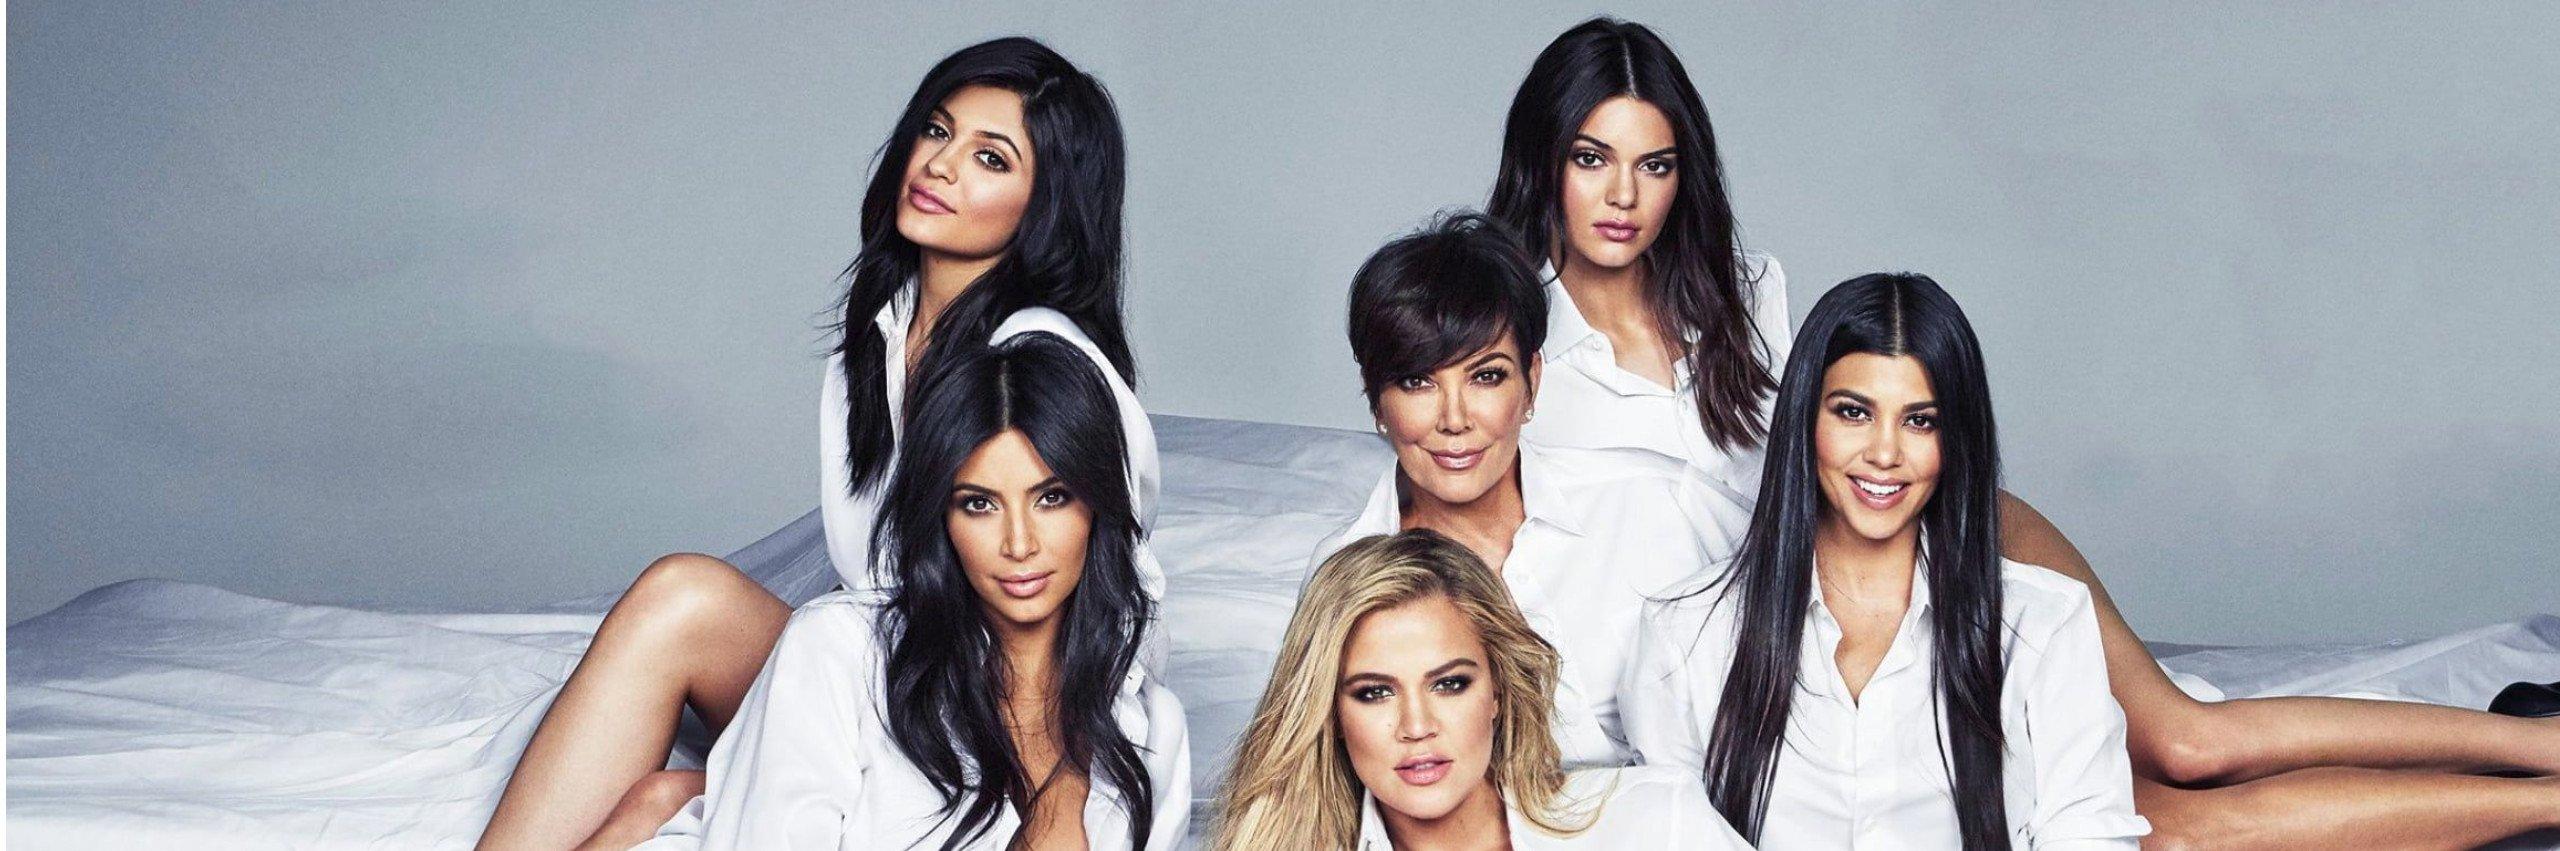 Kardashians CBD